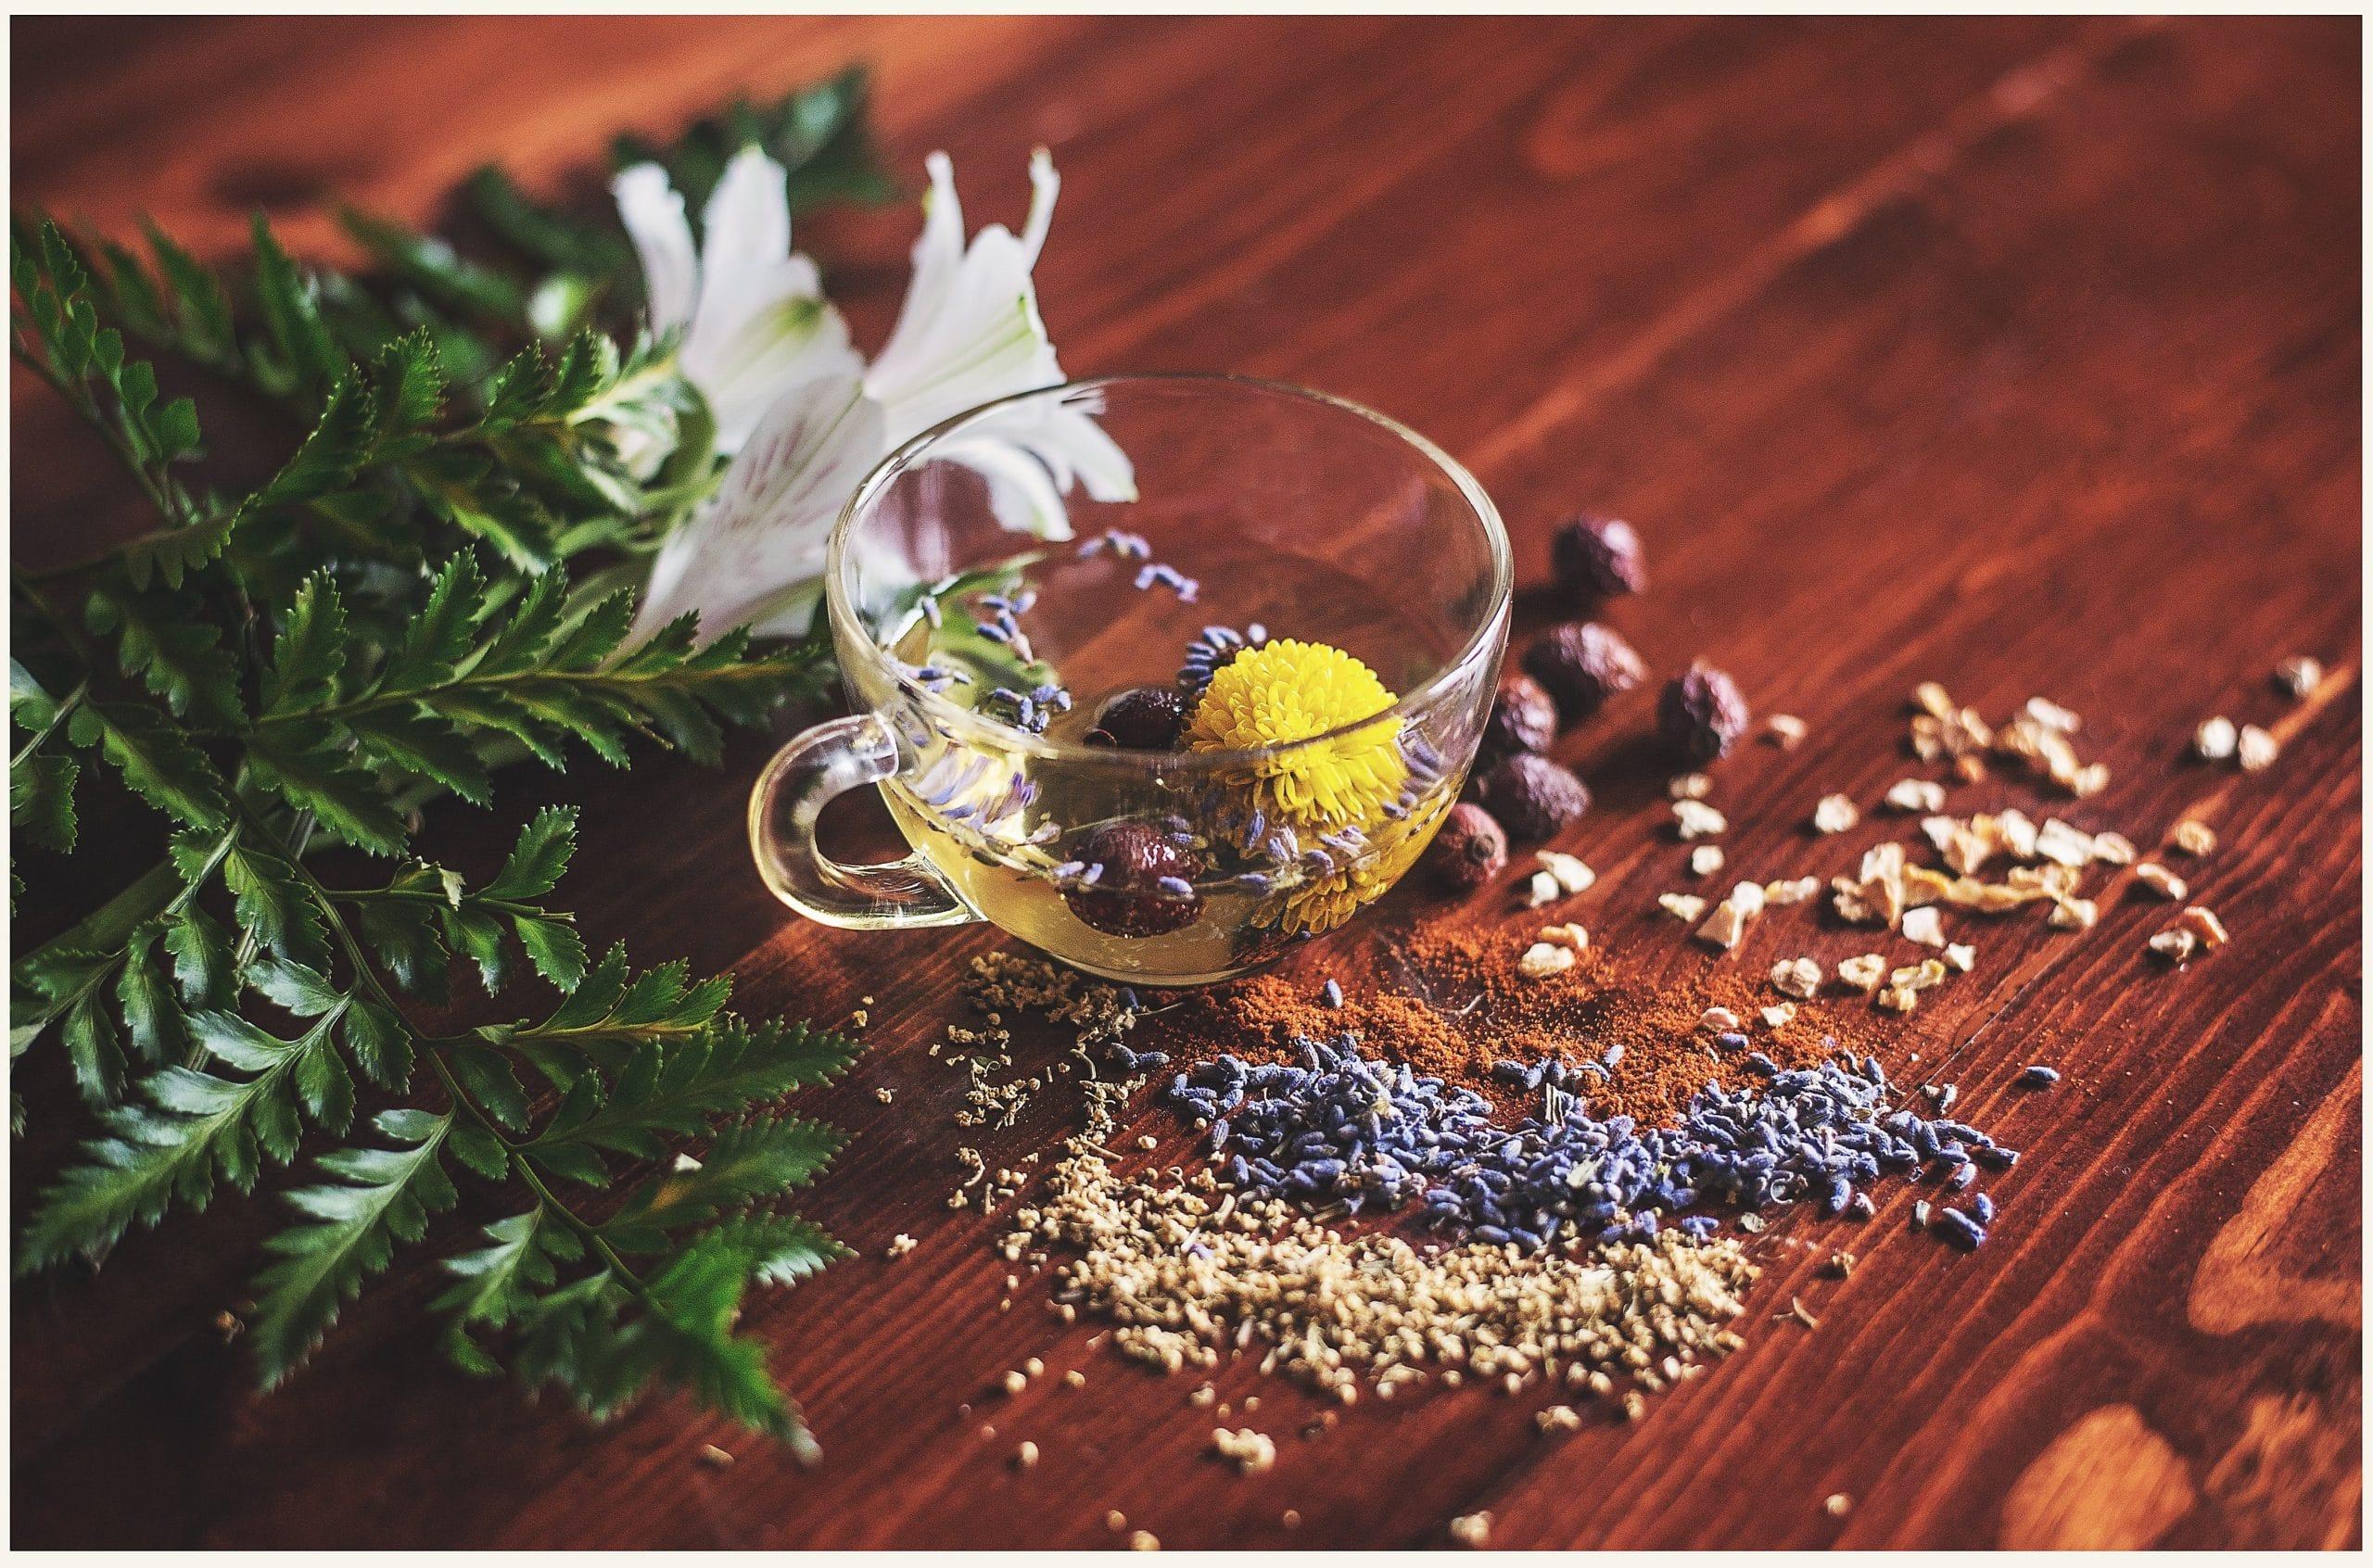 С помощта на билките можем да направим домашната ракия наистина с уникални качества.